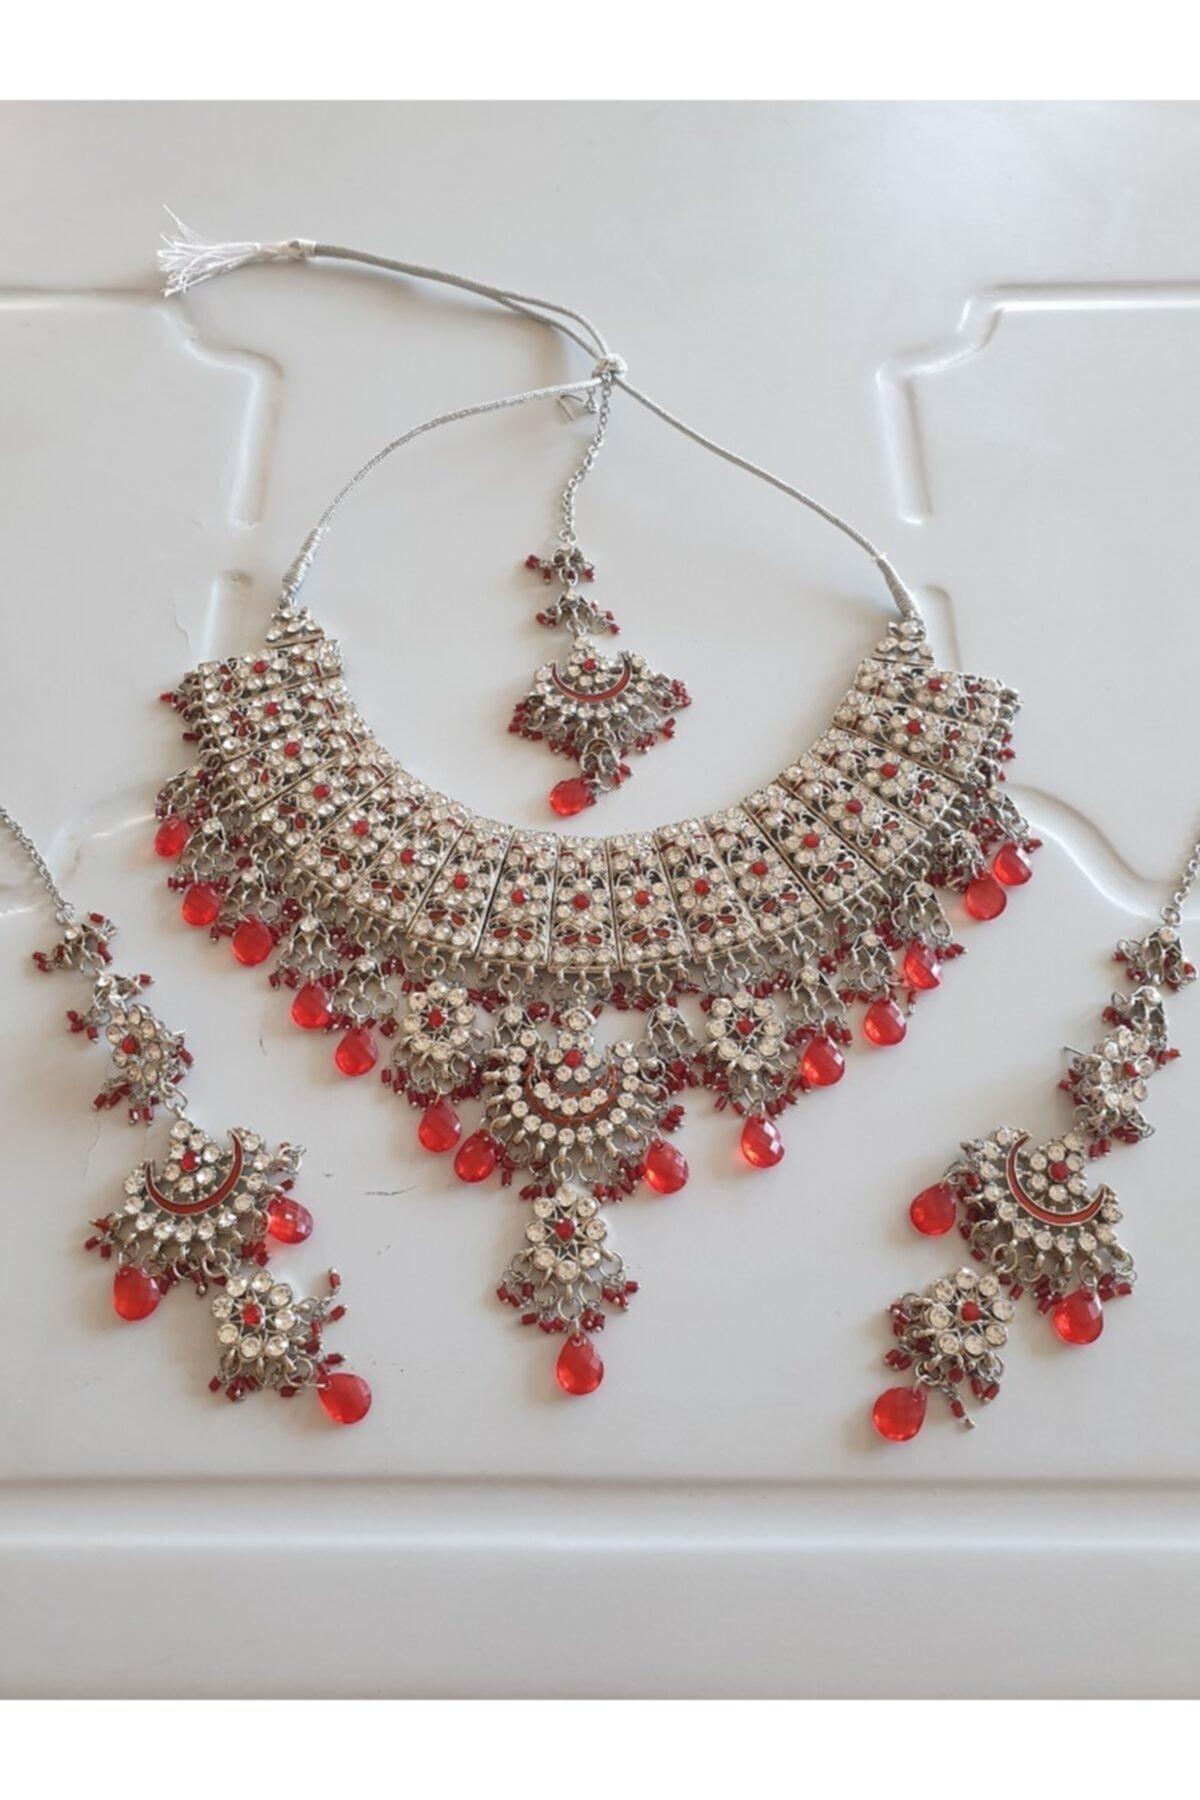 مجوهرات الأزياء النسائية مجموعات المجوهرات الهندية